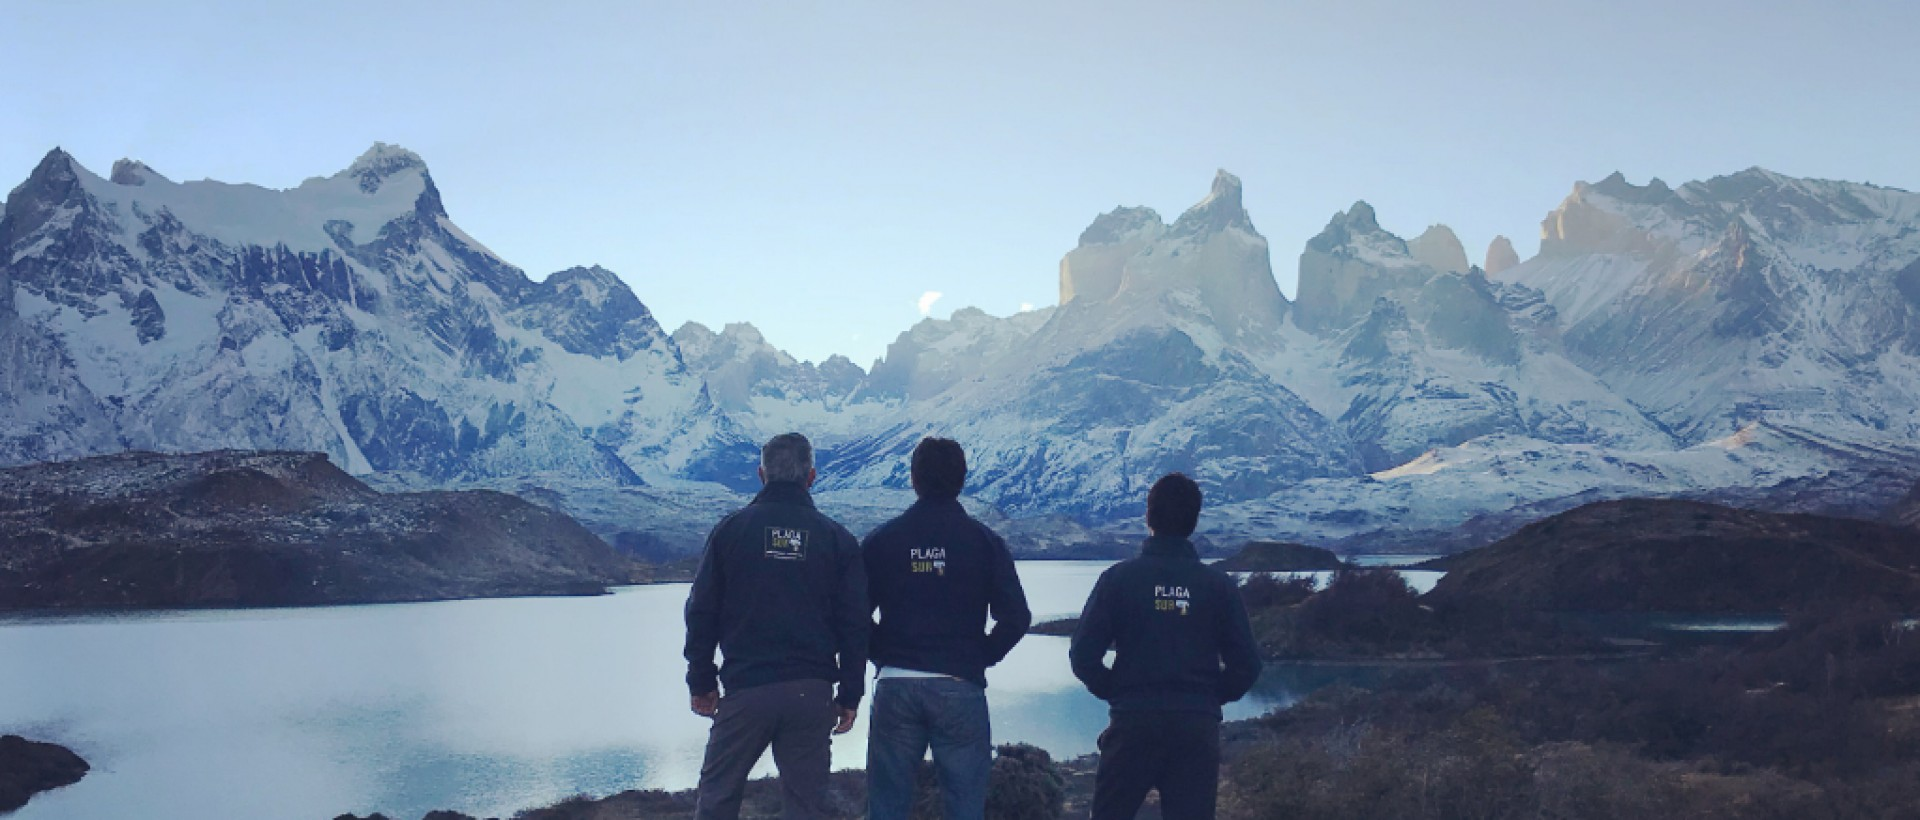 Somos - PLAGASUR® | Control de Plagas en Puerto Montt - Puerto Varas - Osorno - Castro